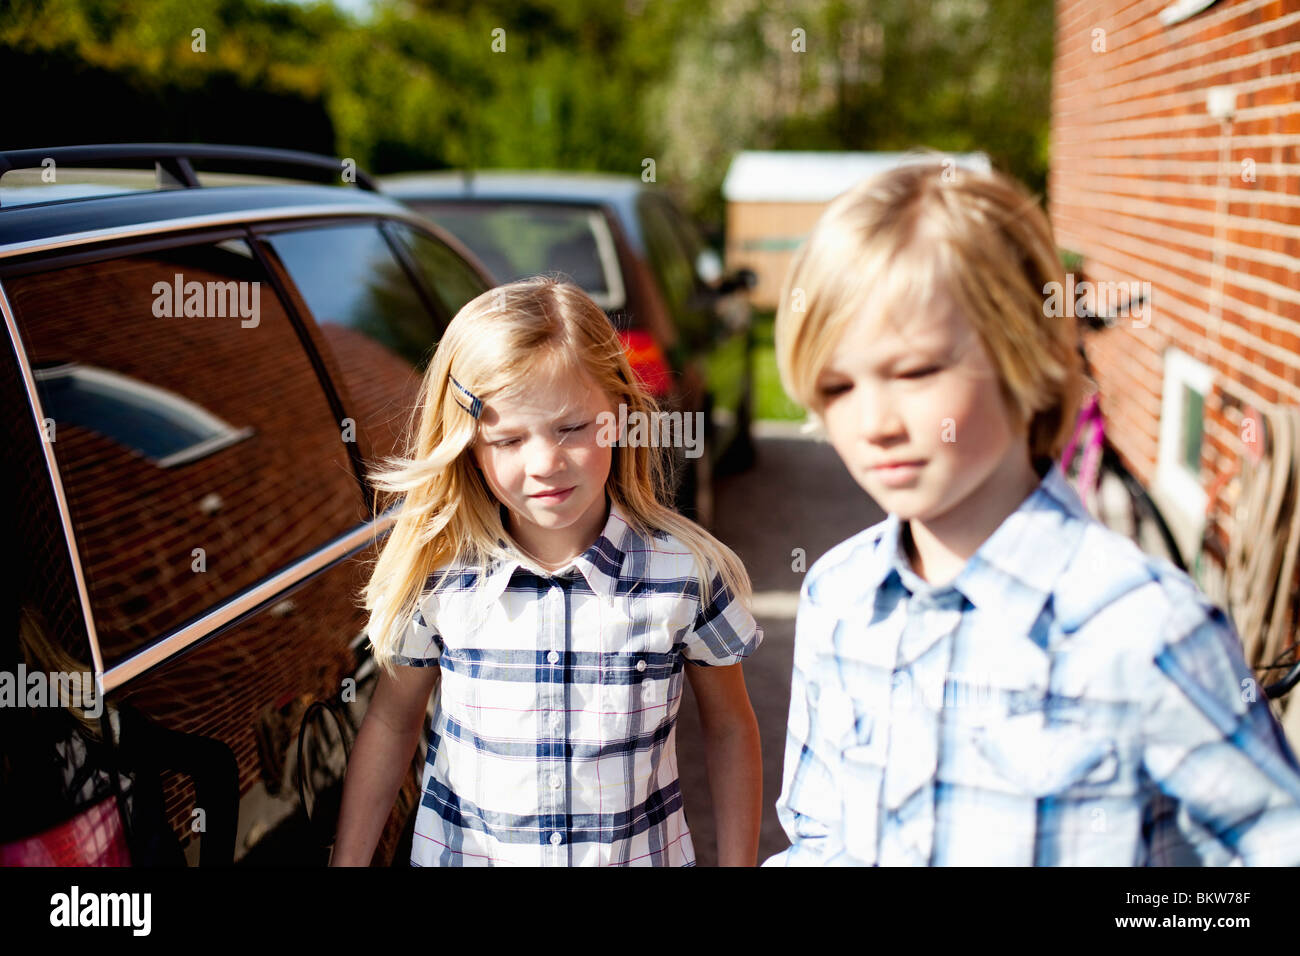 Geschwister auf dem Sprung Stockbild